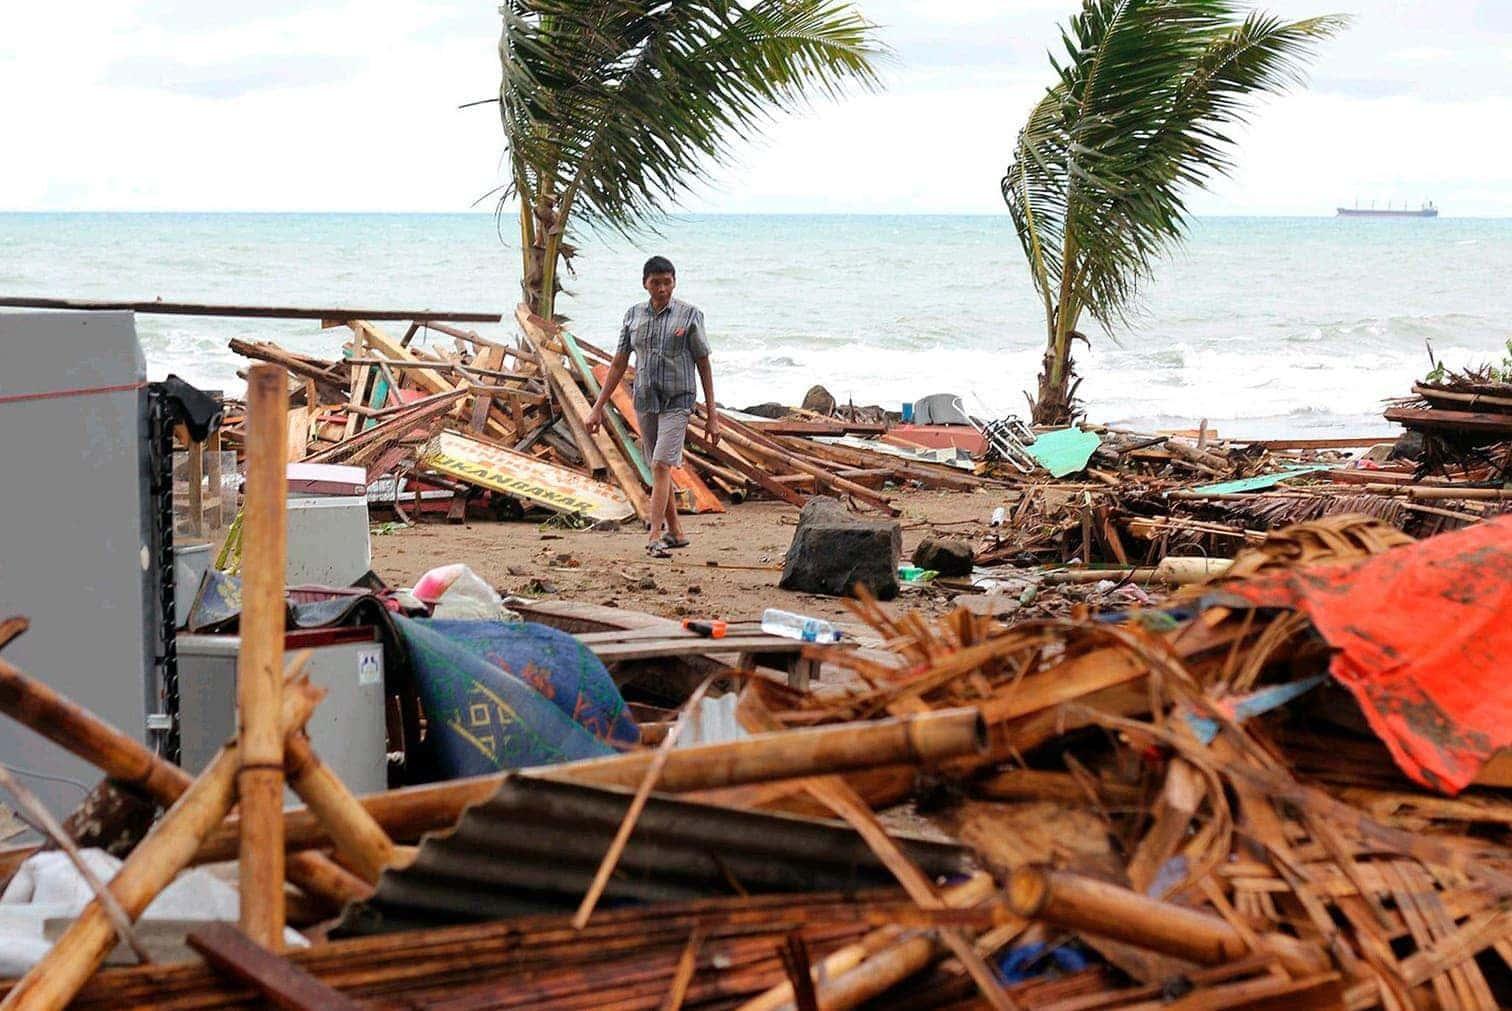 <p>Rettungskräfte durchkämmten am Sonntag die Schuttberge nach Überlebenden. Hunderte Gebäude wurden nach Behördenangaben zerstört. Die Flutwellen trafen im Süden Sumatras und im Westen Javas am späten Samstagabend an Land